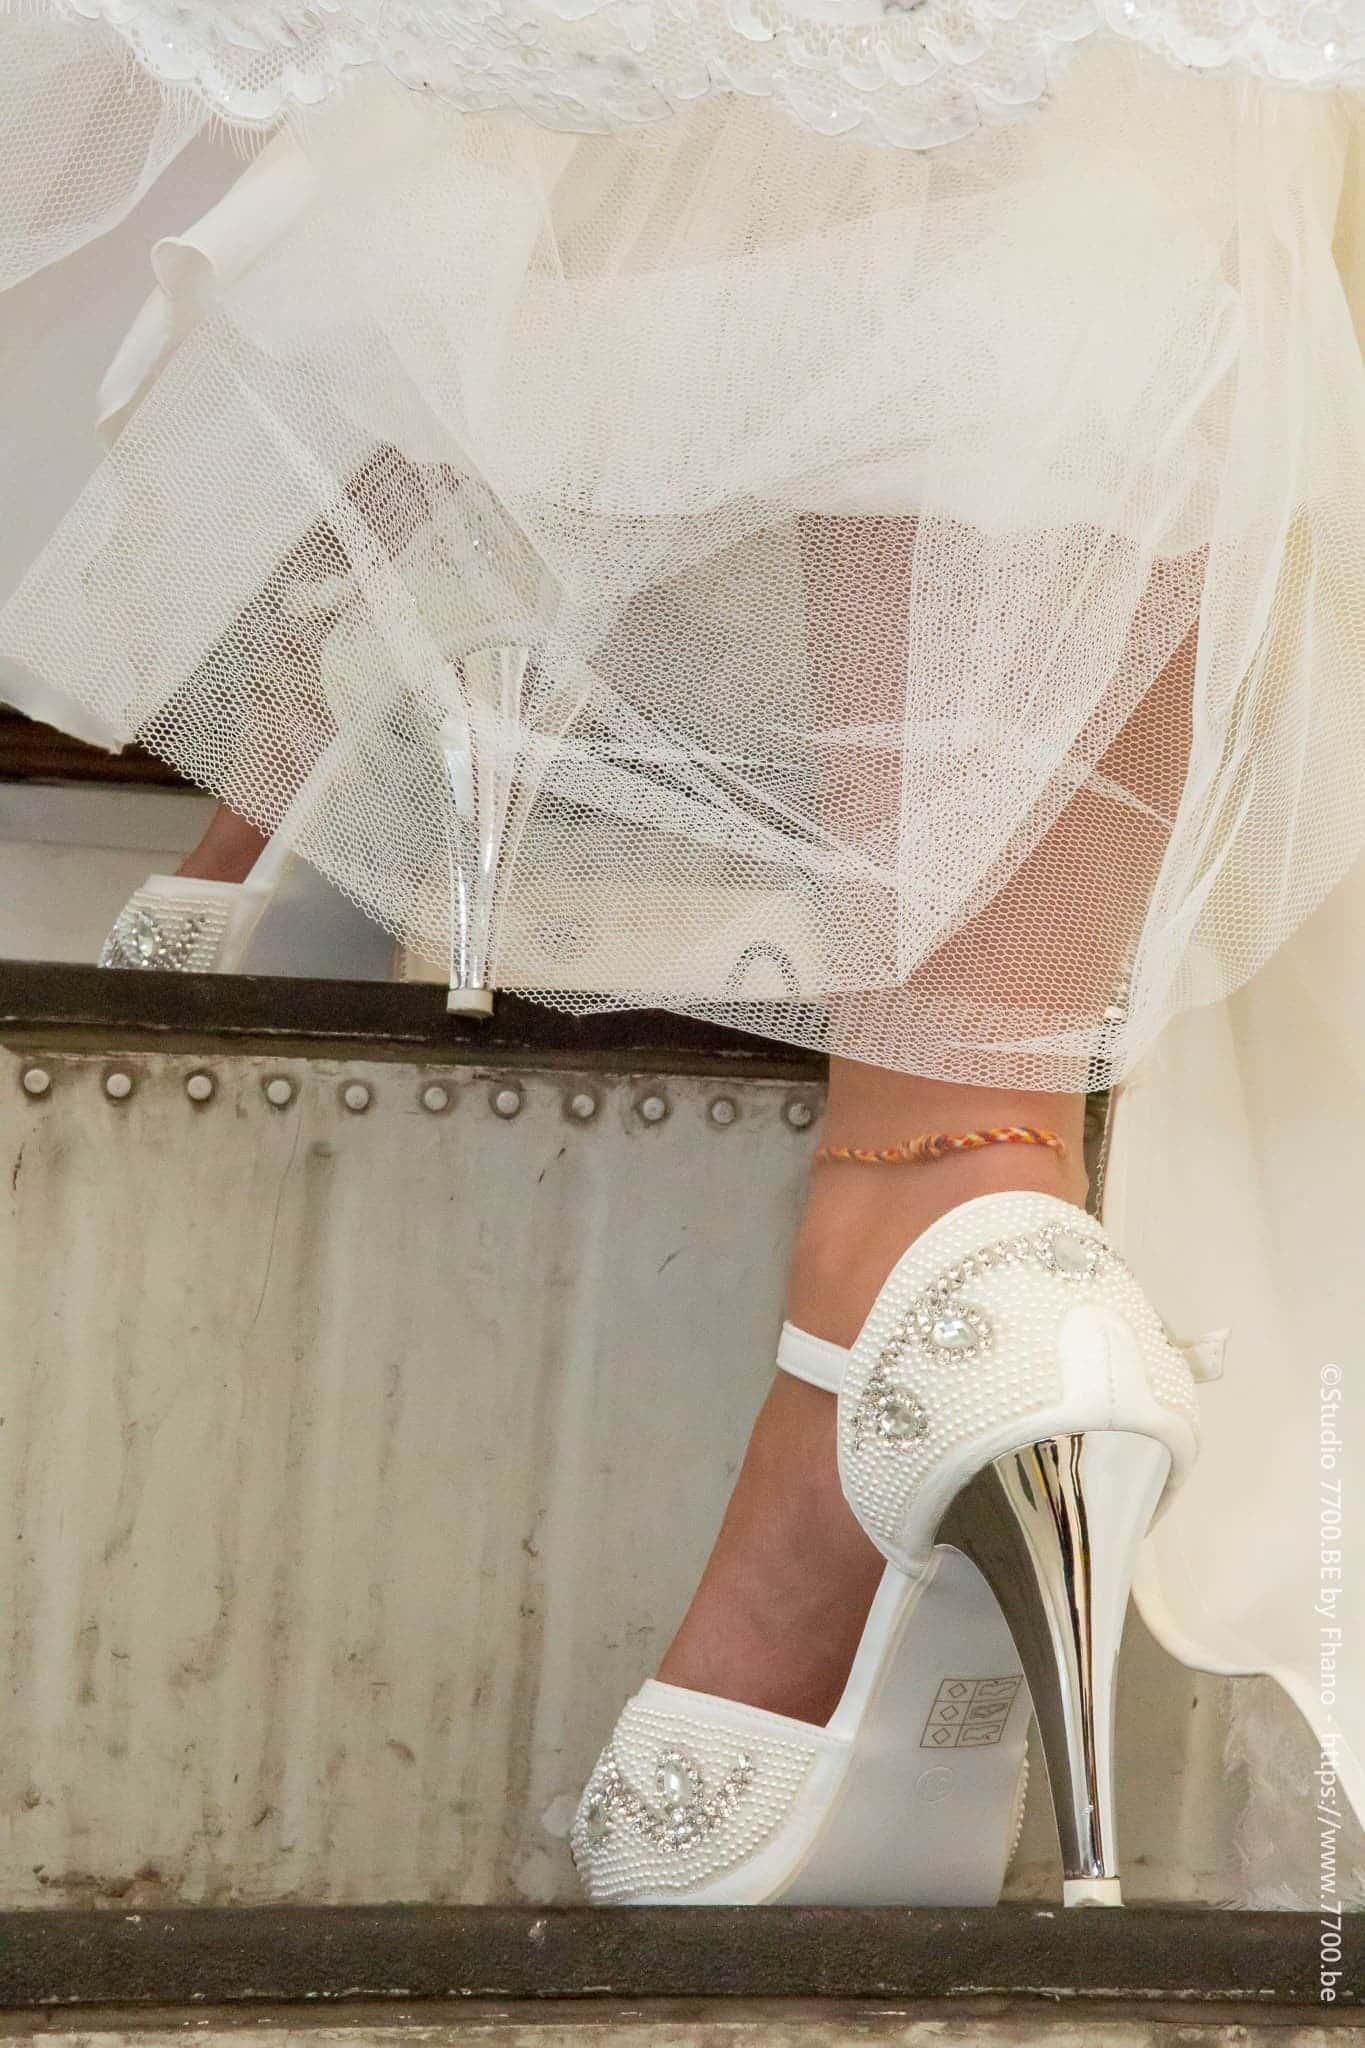 Les photos du mariage de Catherine et Stéphane prisent par le STUDIO 7700.BE by Fhano https://www.7700.be